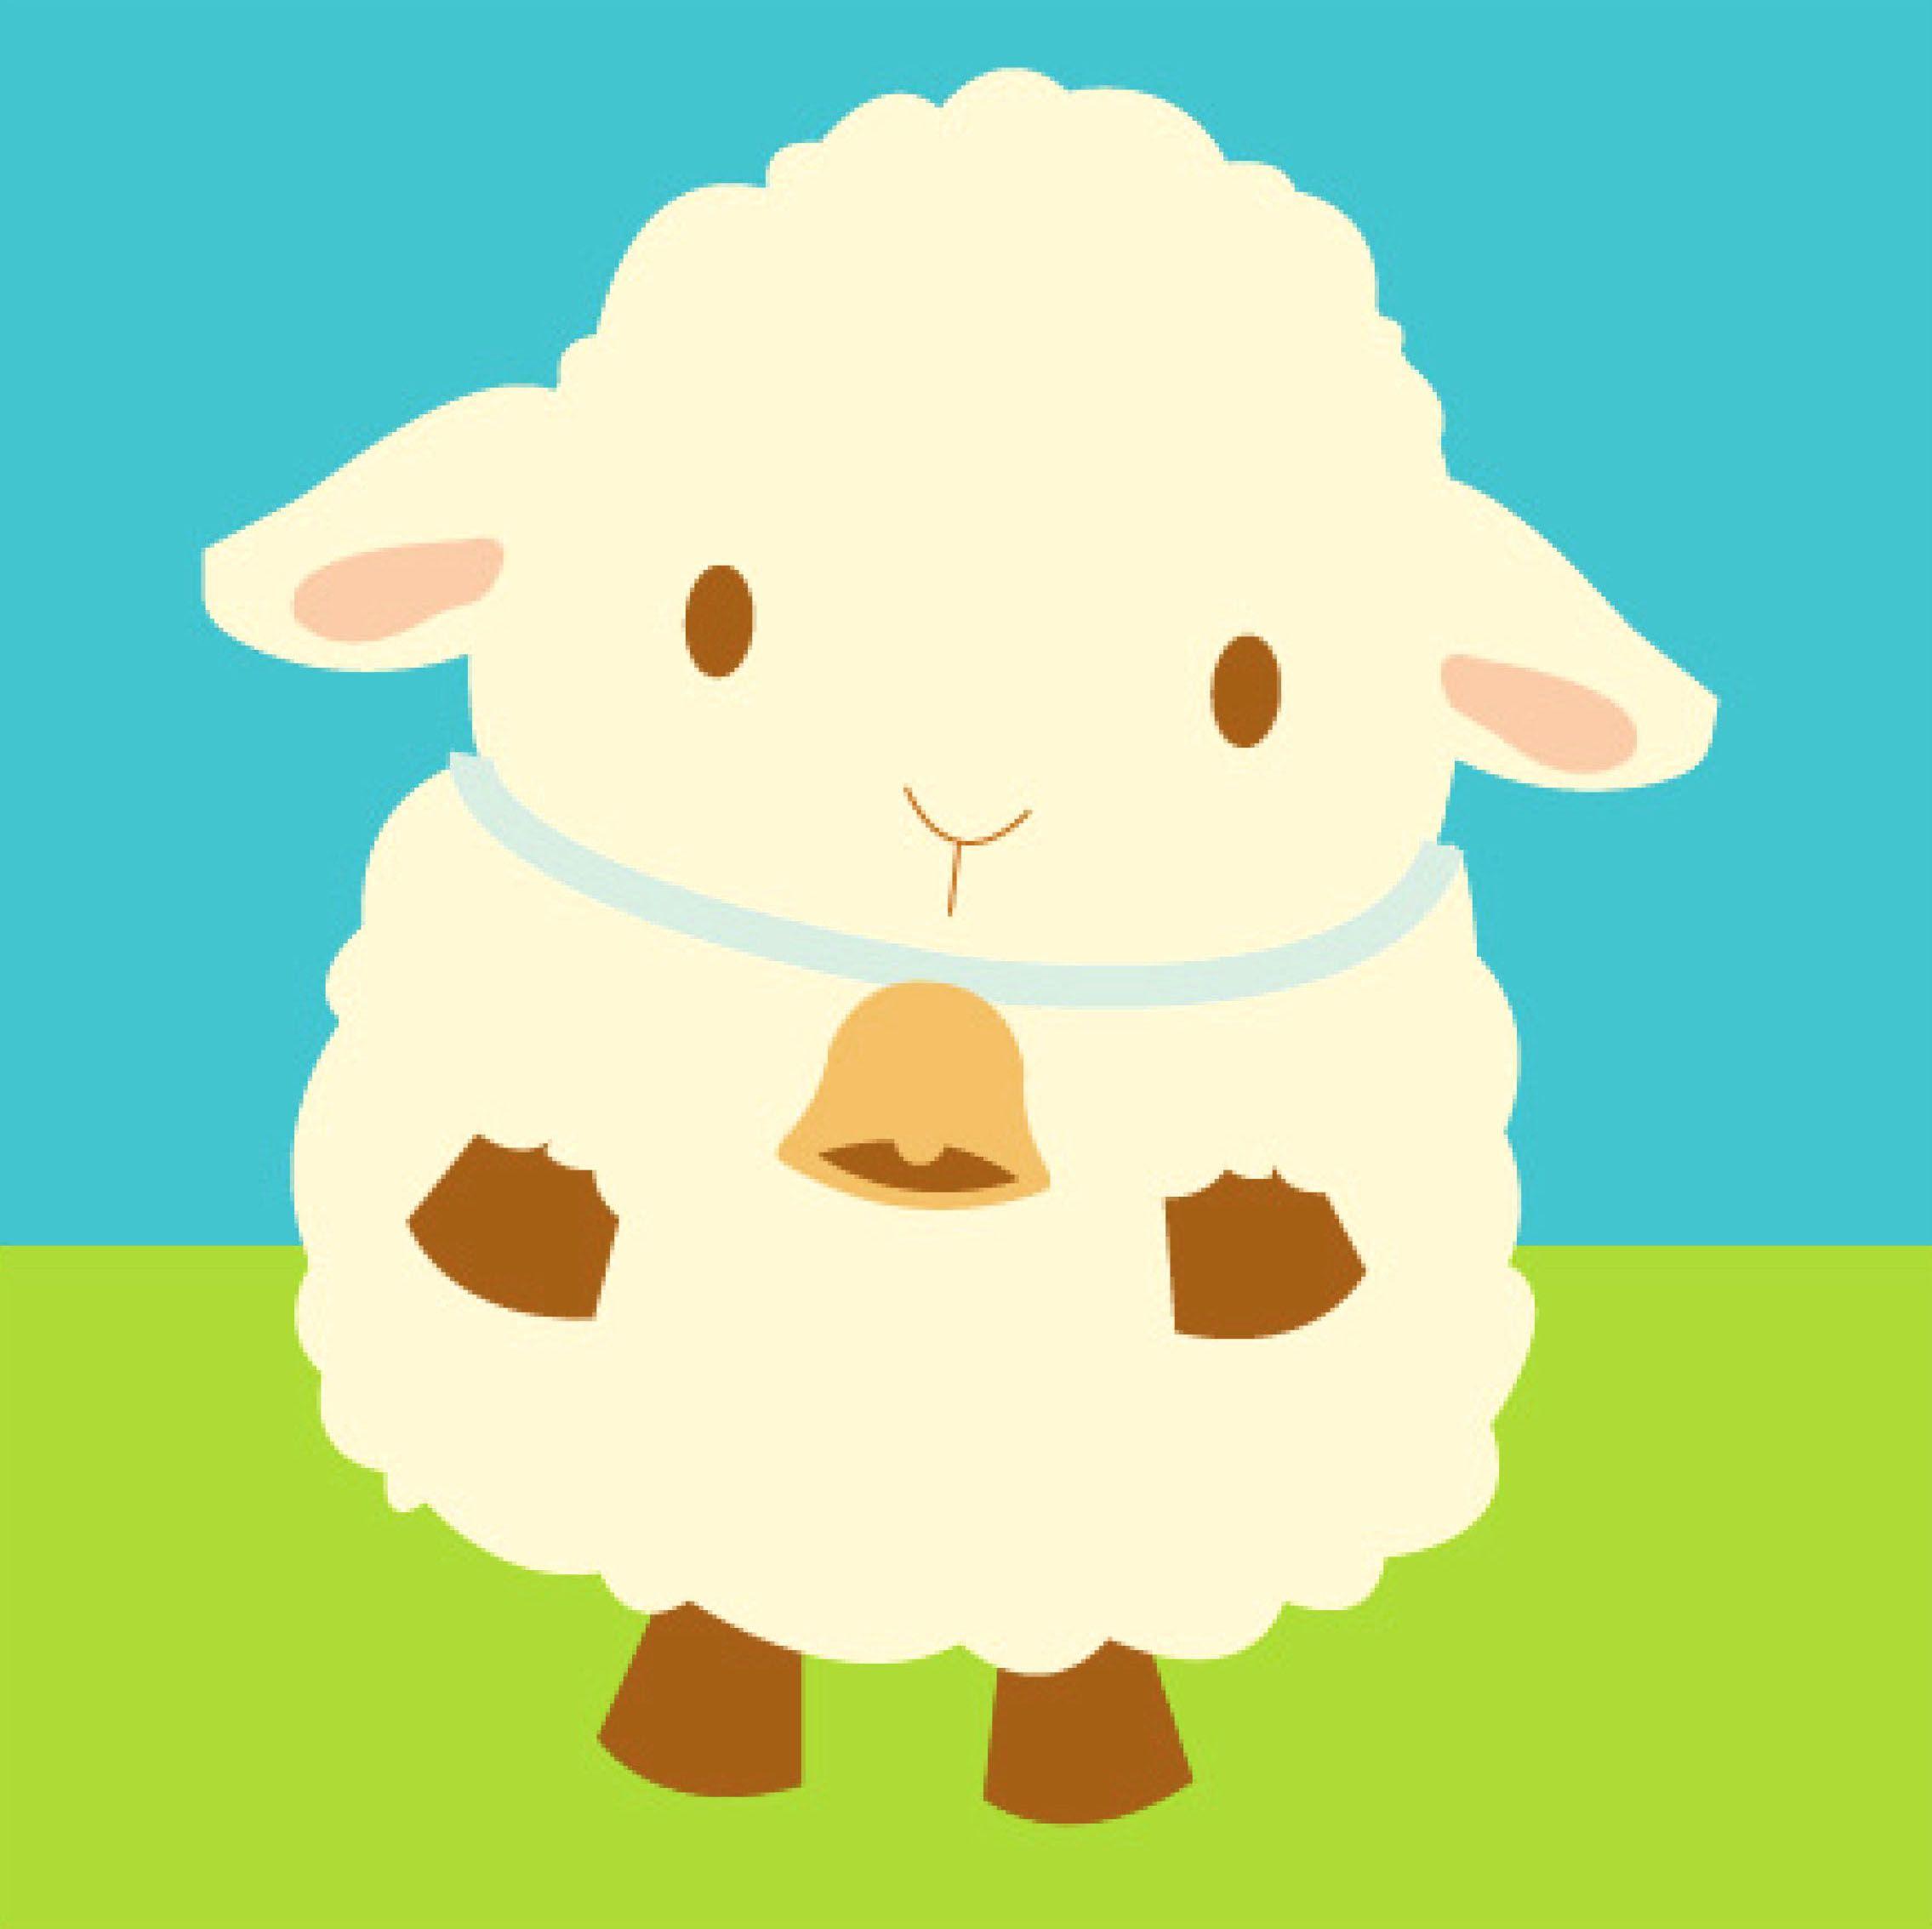 2271x2268 Images For Gt Lamb Images Clip Art Lambs Clip Art